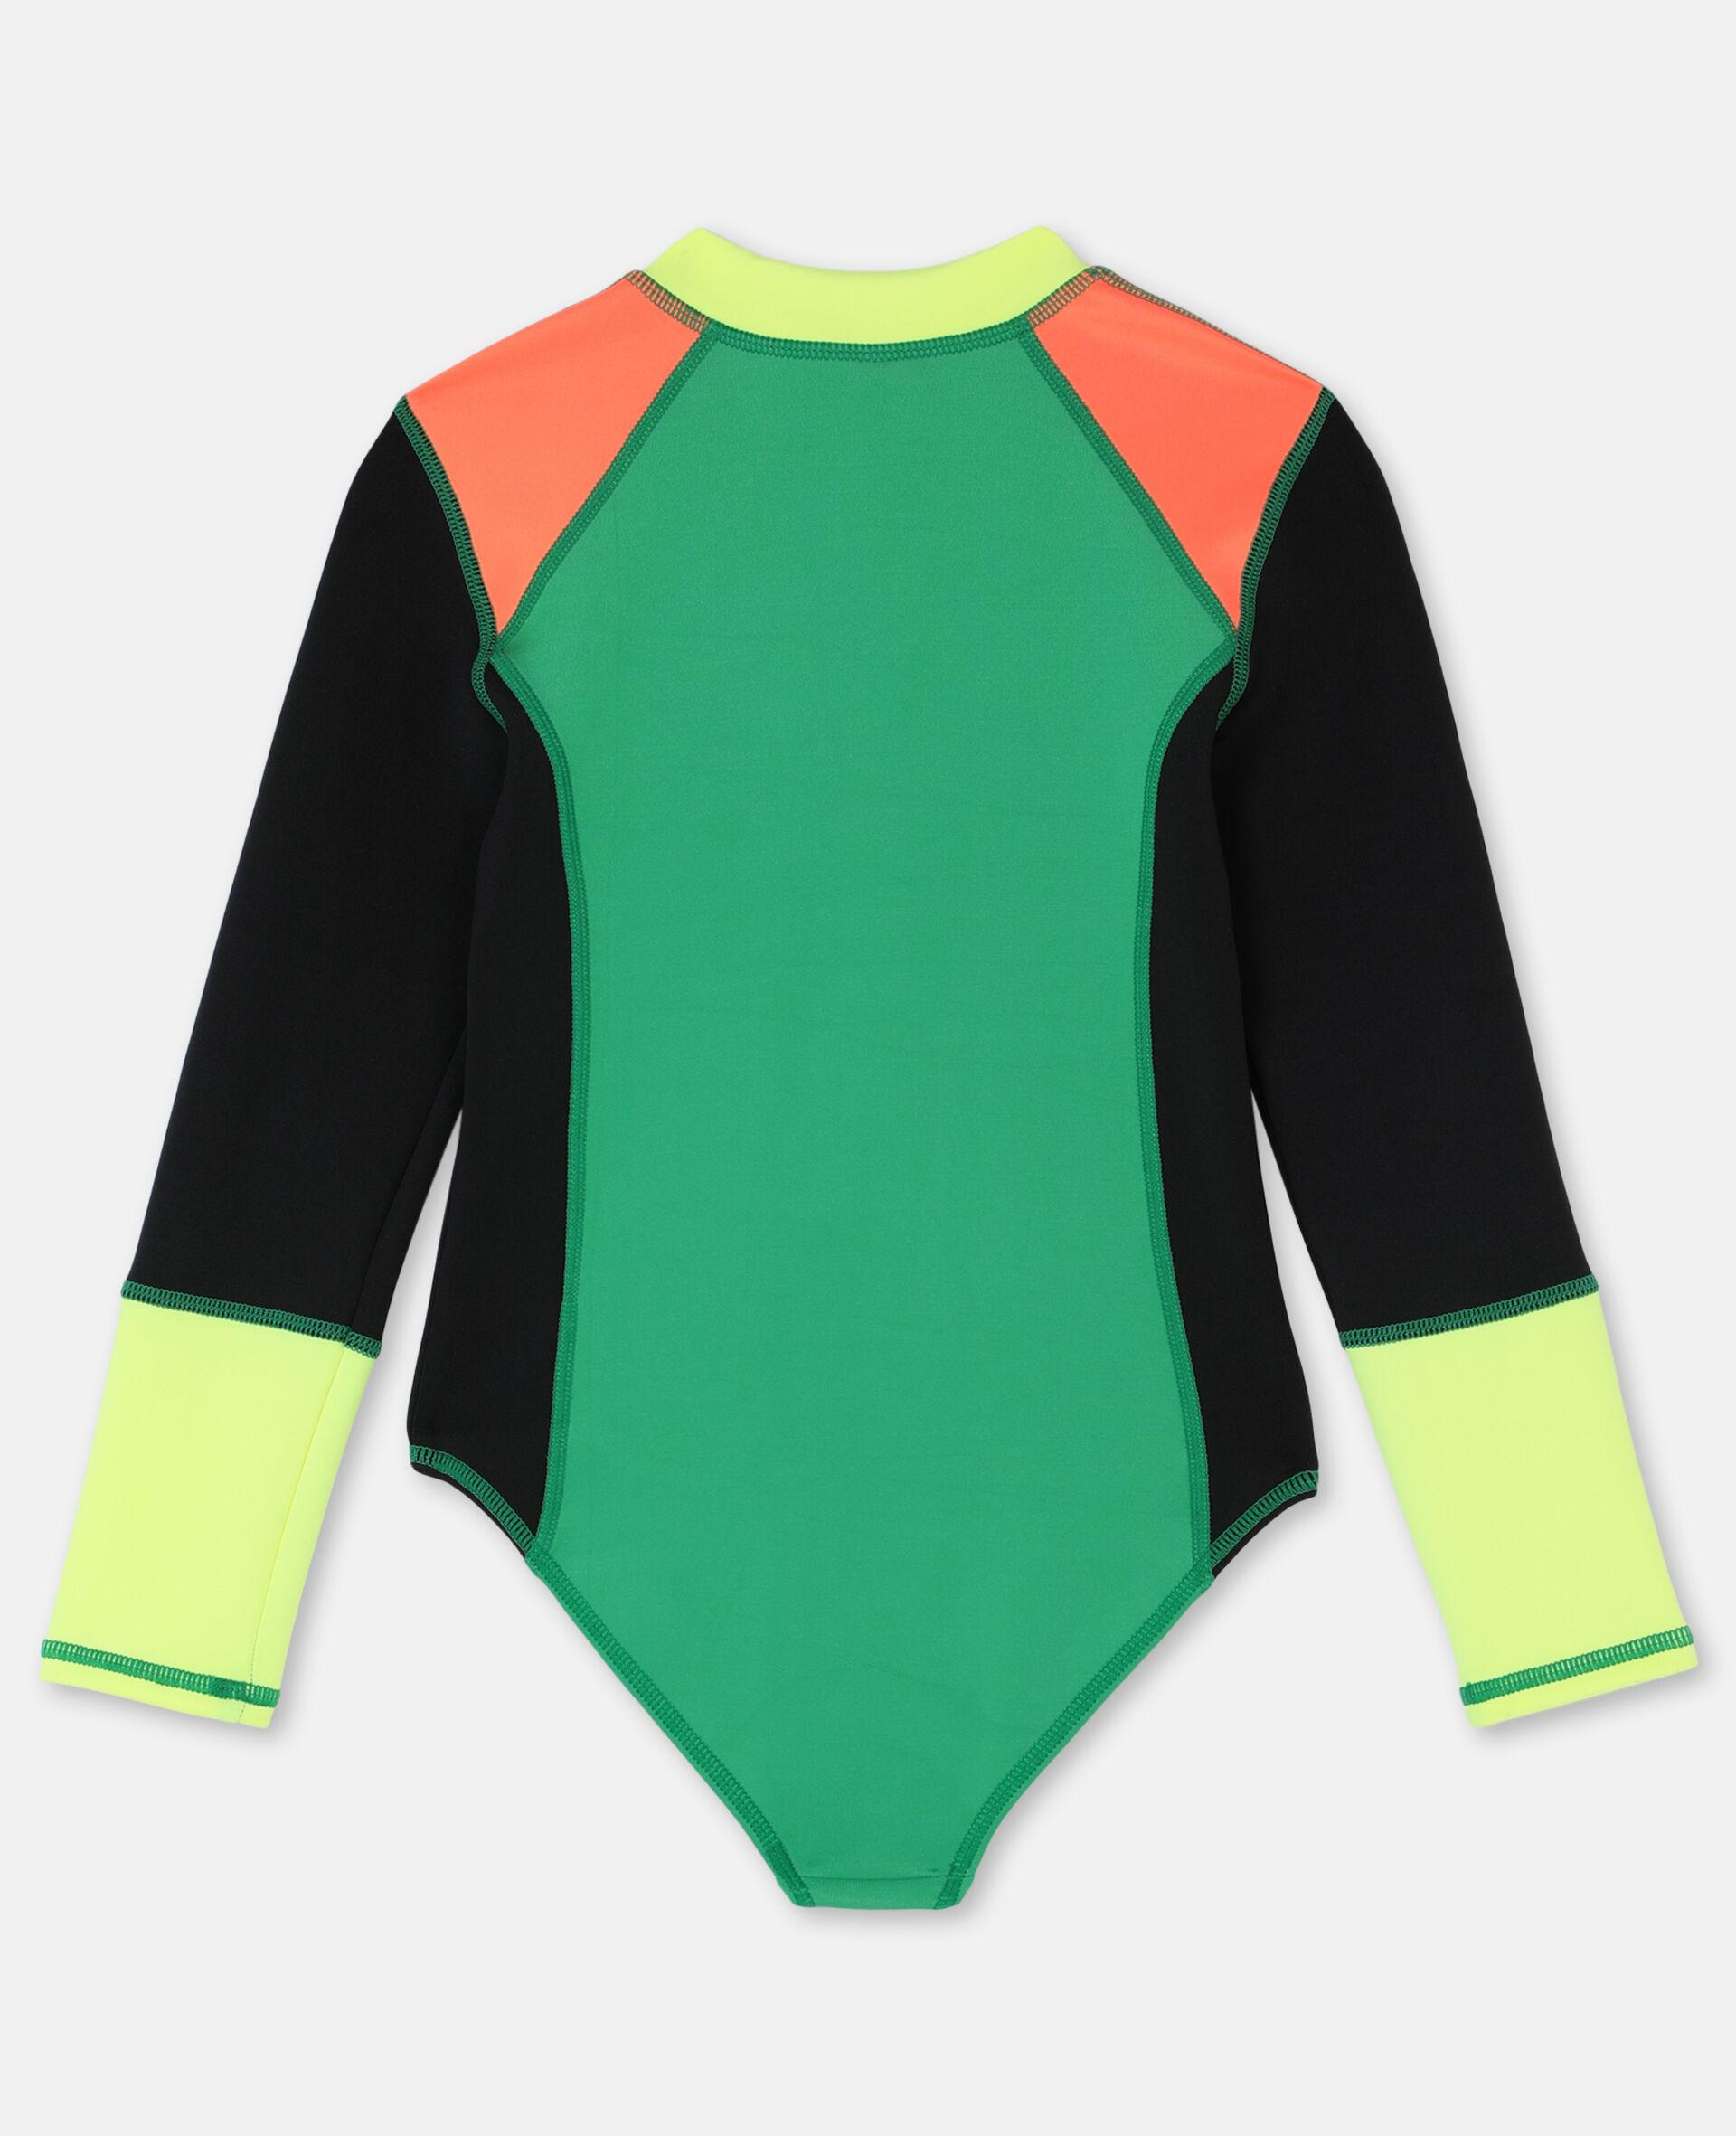 Multicolor Scuba Swimsuit-Multicolour-large image number 4